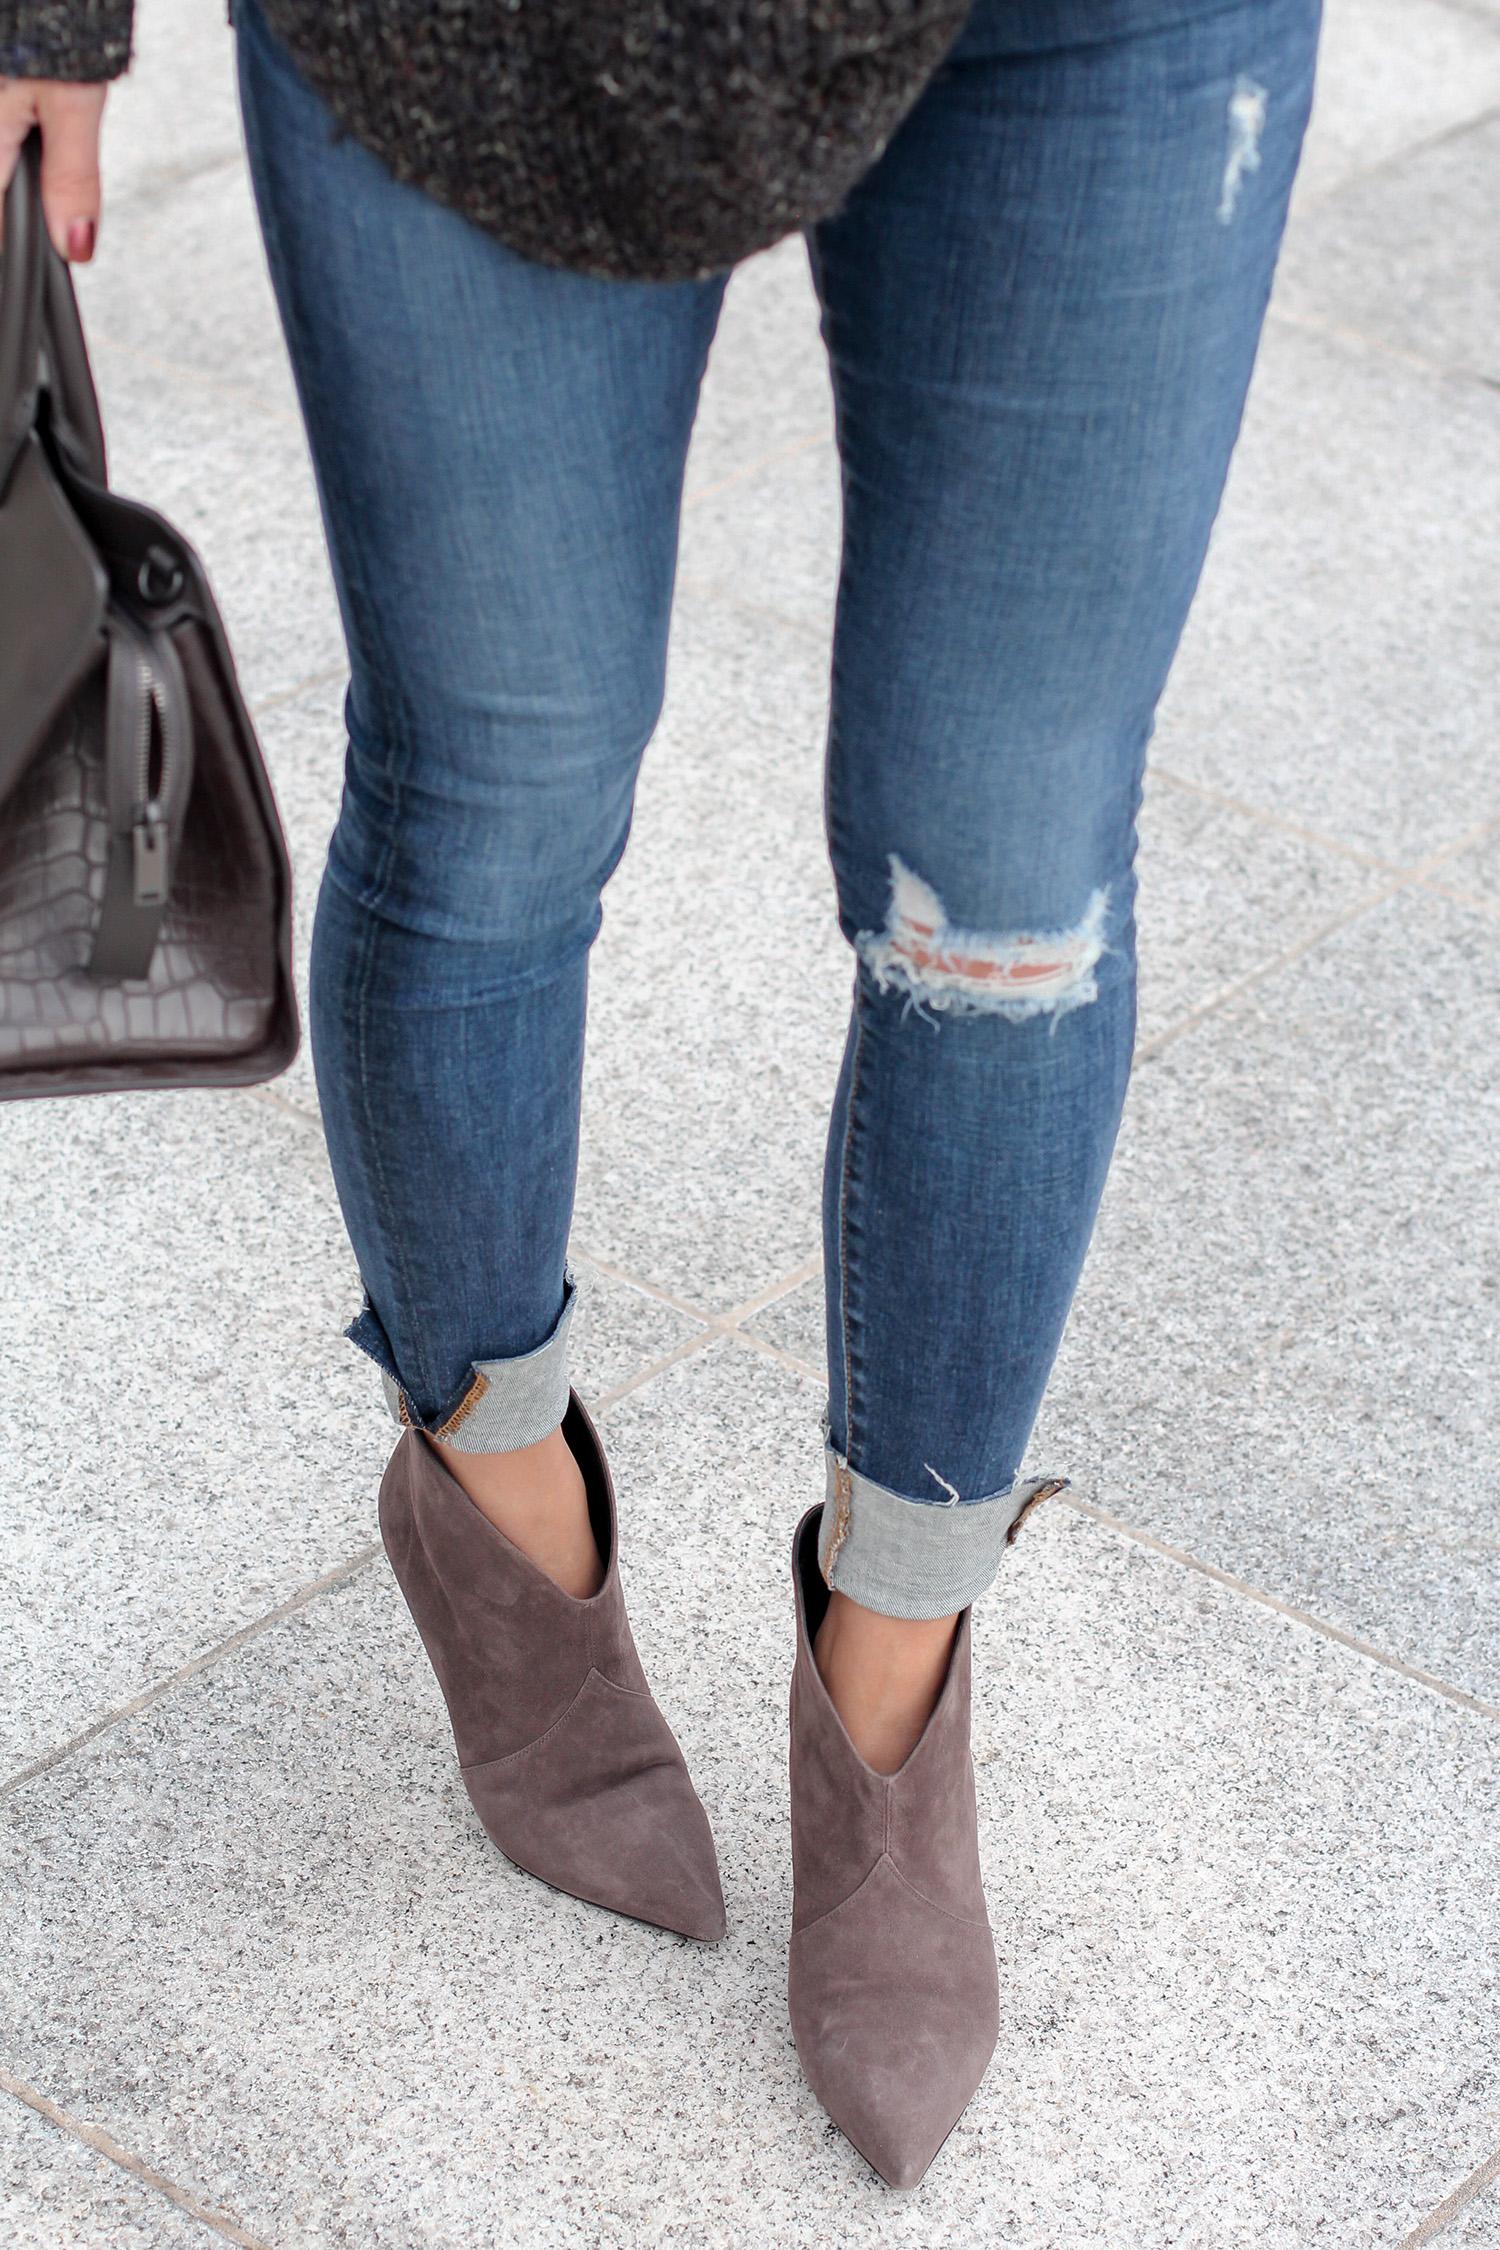 YSL Cabas Bag, AG Jeans, Saint Laurent Boots